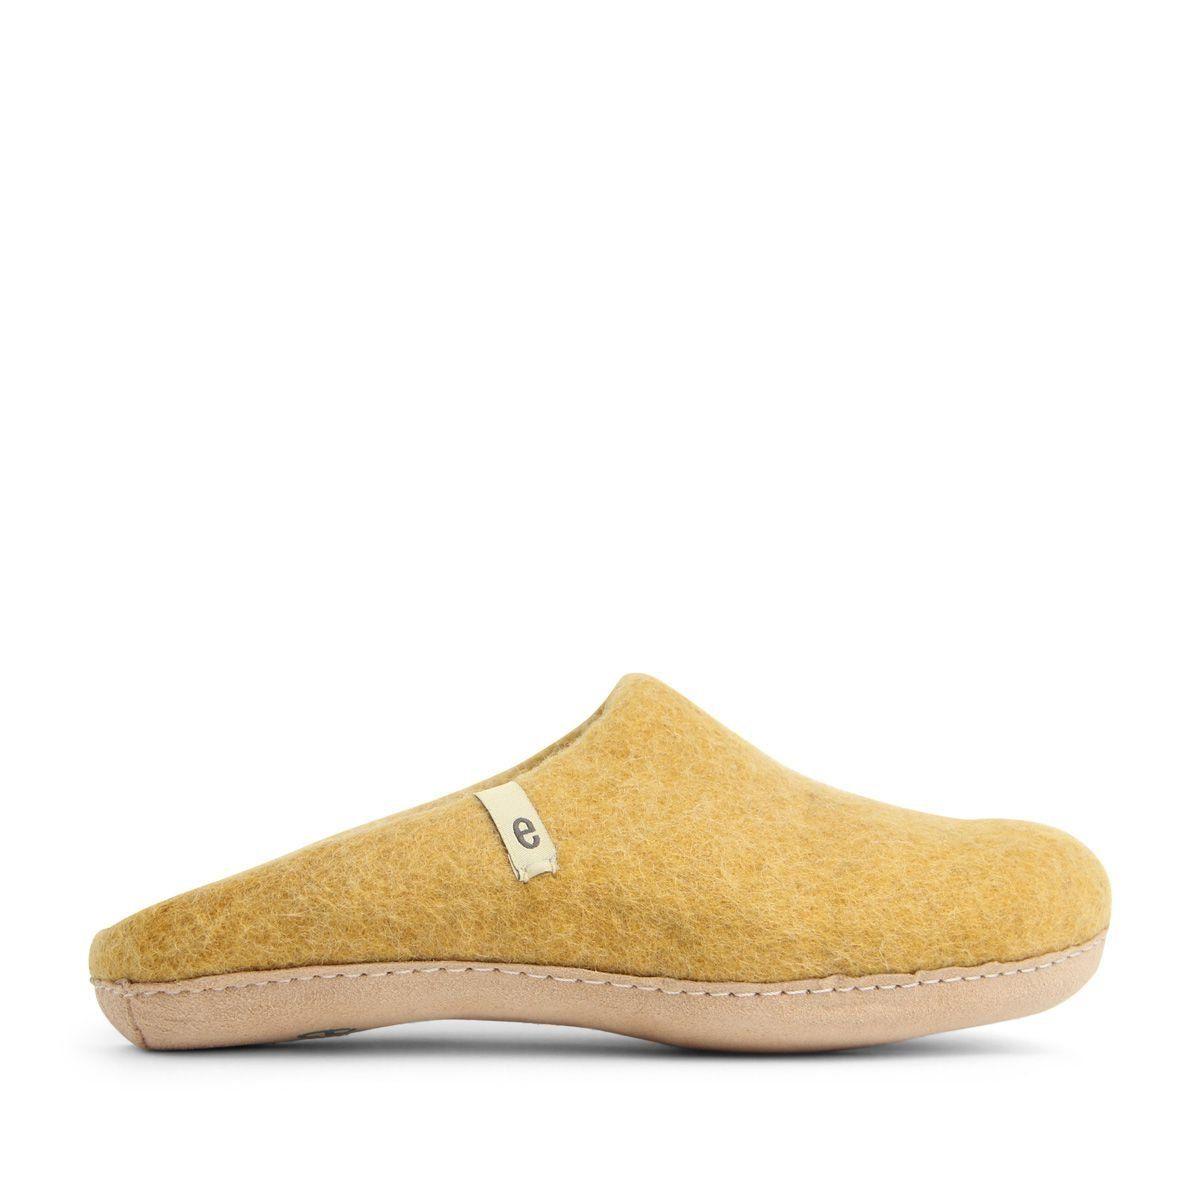 Egos Slip-on Indoor Shoe Simple in Mustard